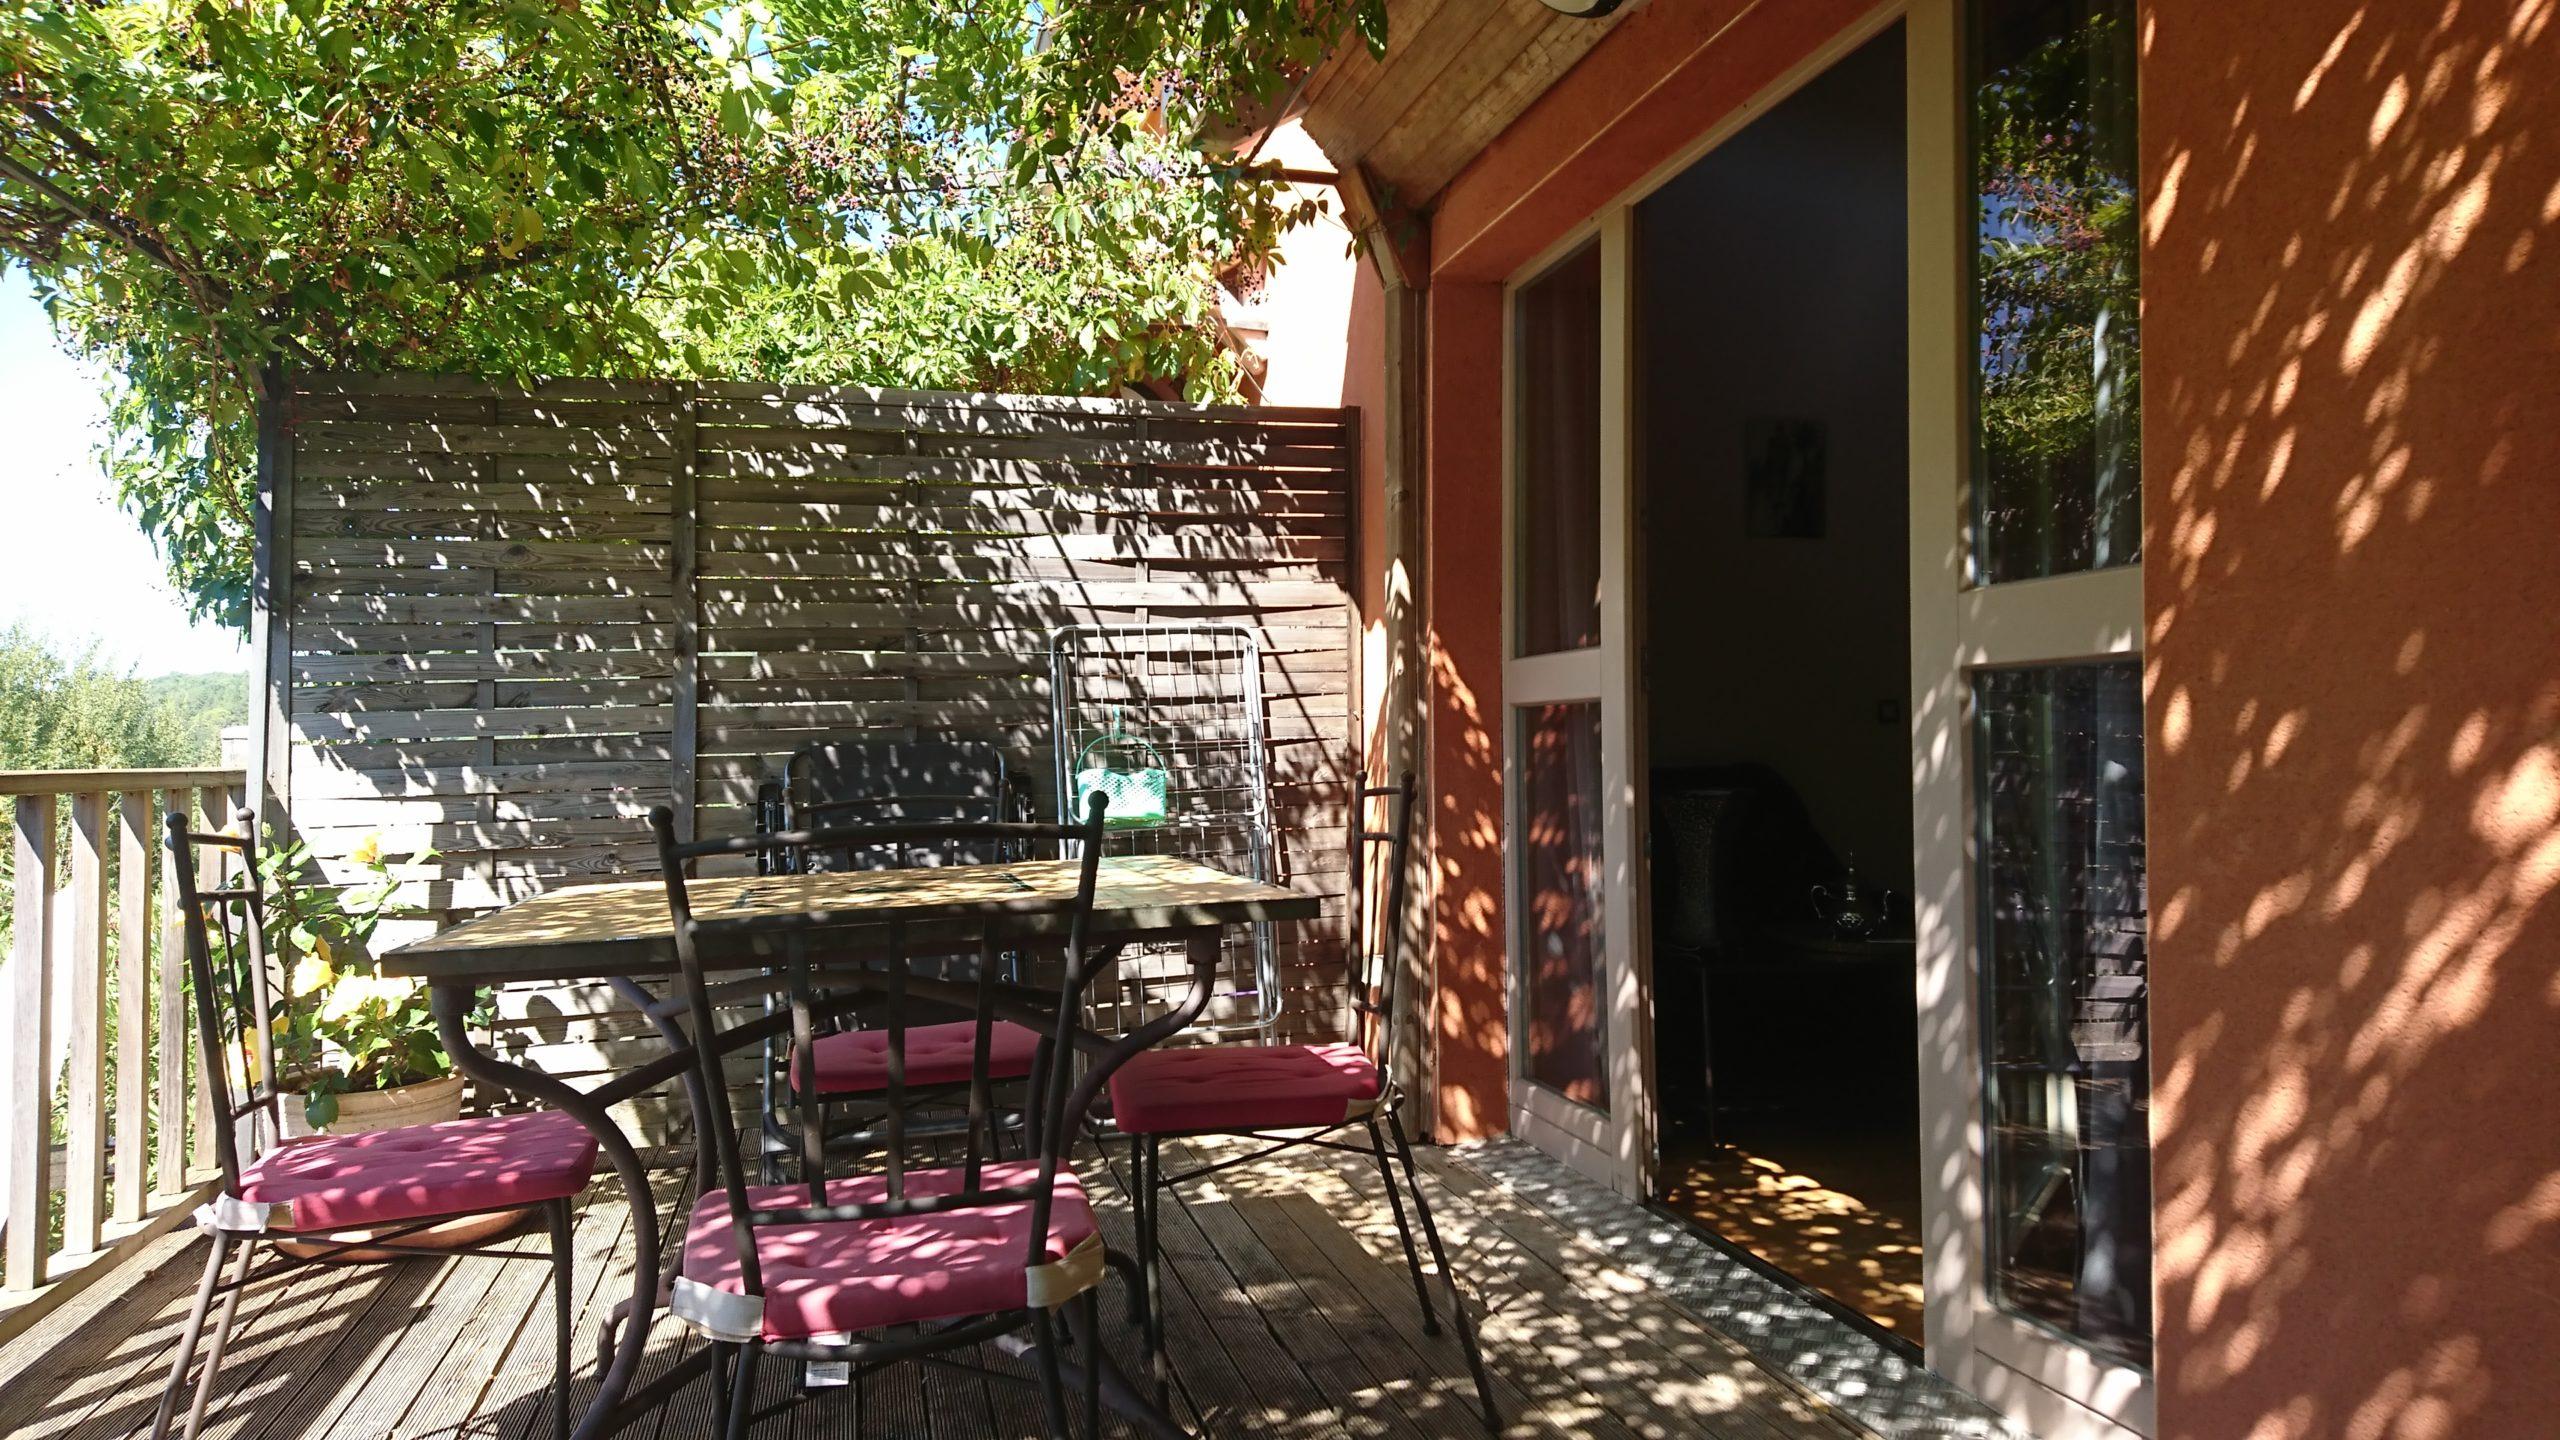 gites locations hébergements appartements plain pied Lamalou les bainsappartement plain-pied 1 à 5 personnes